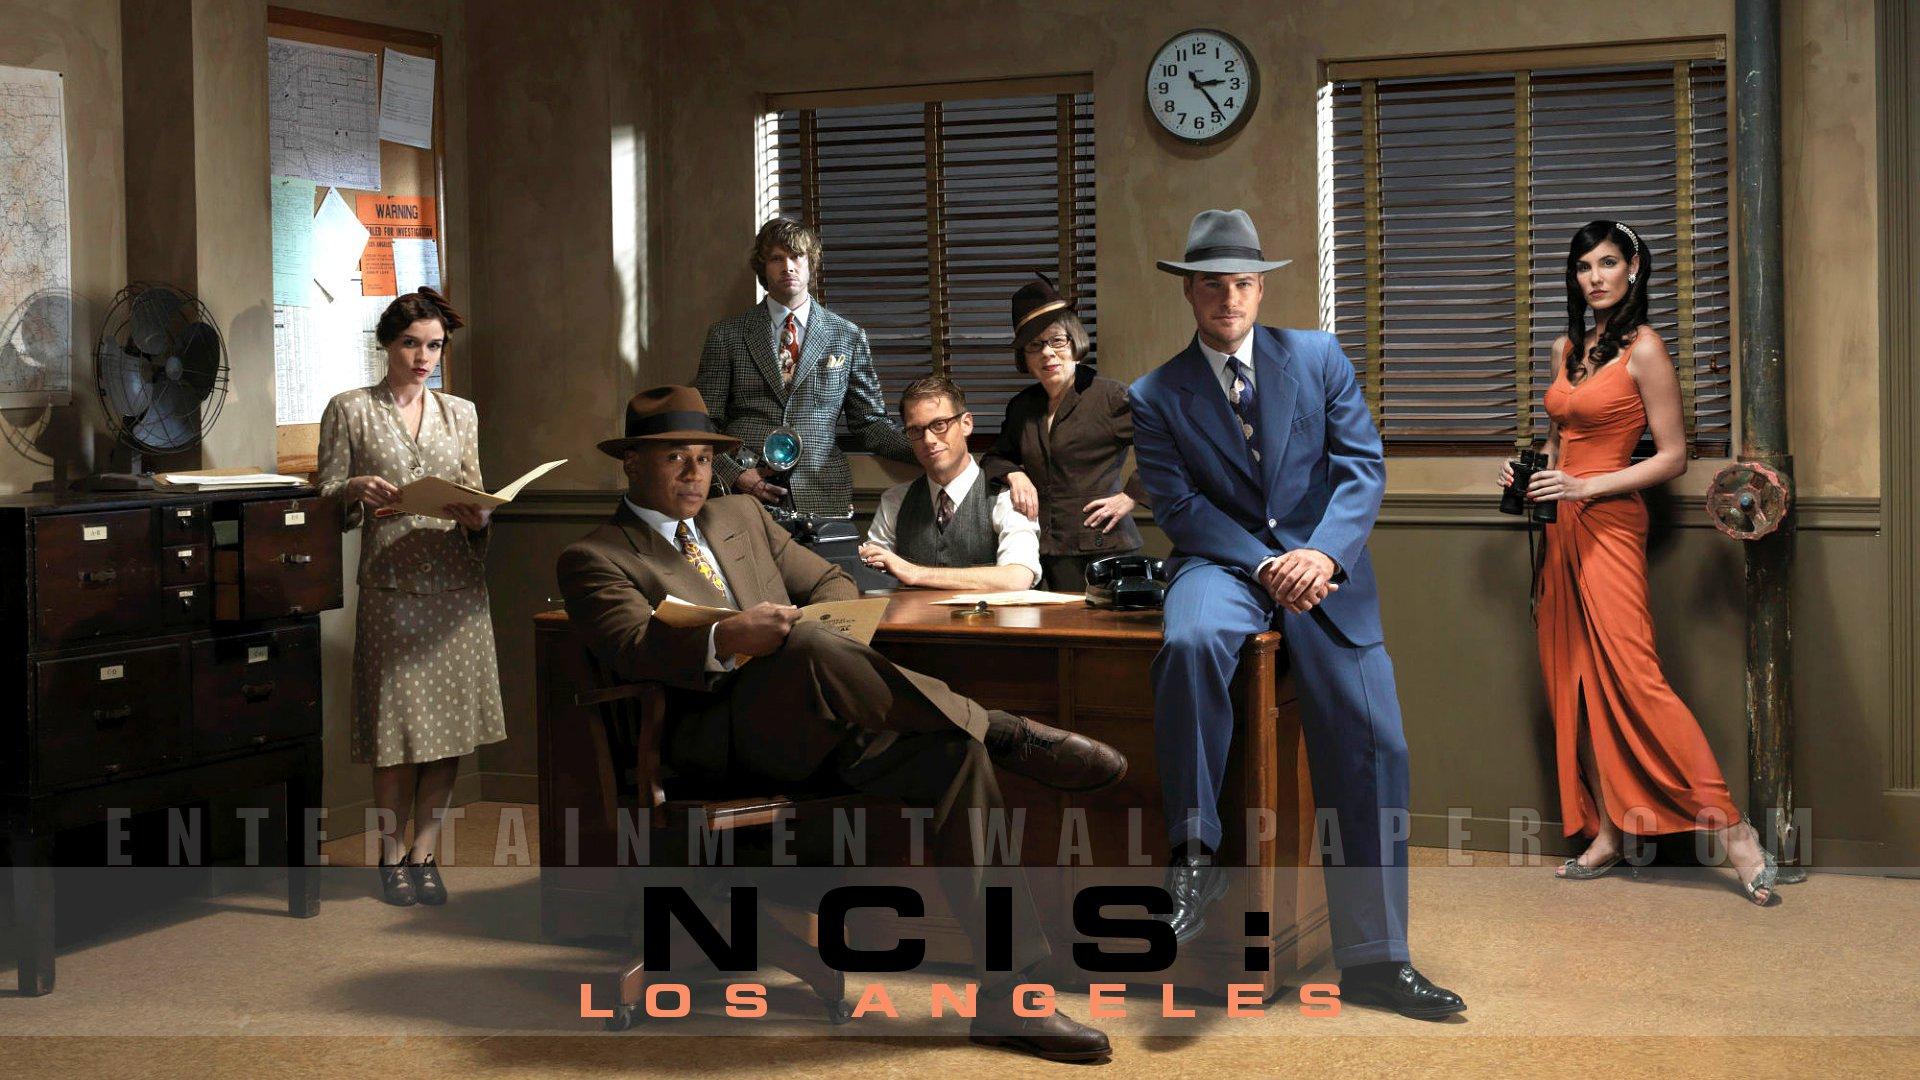 ncis la cast images ncis la wallpaper hd wallpaper and background photos